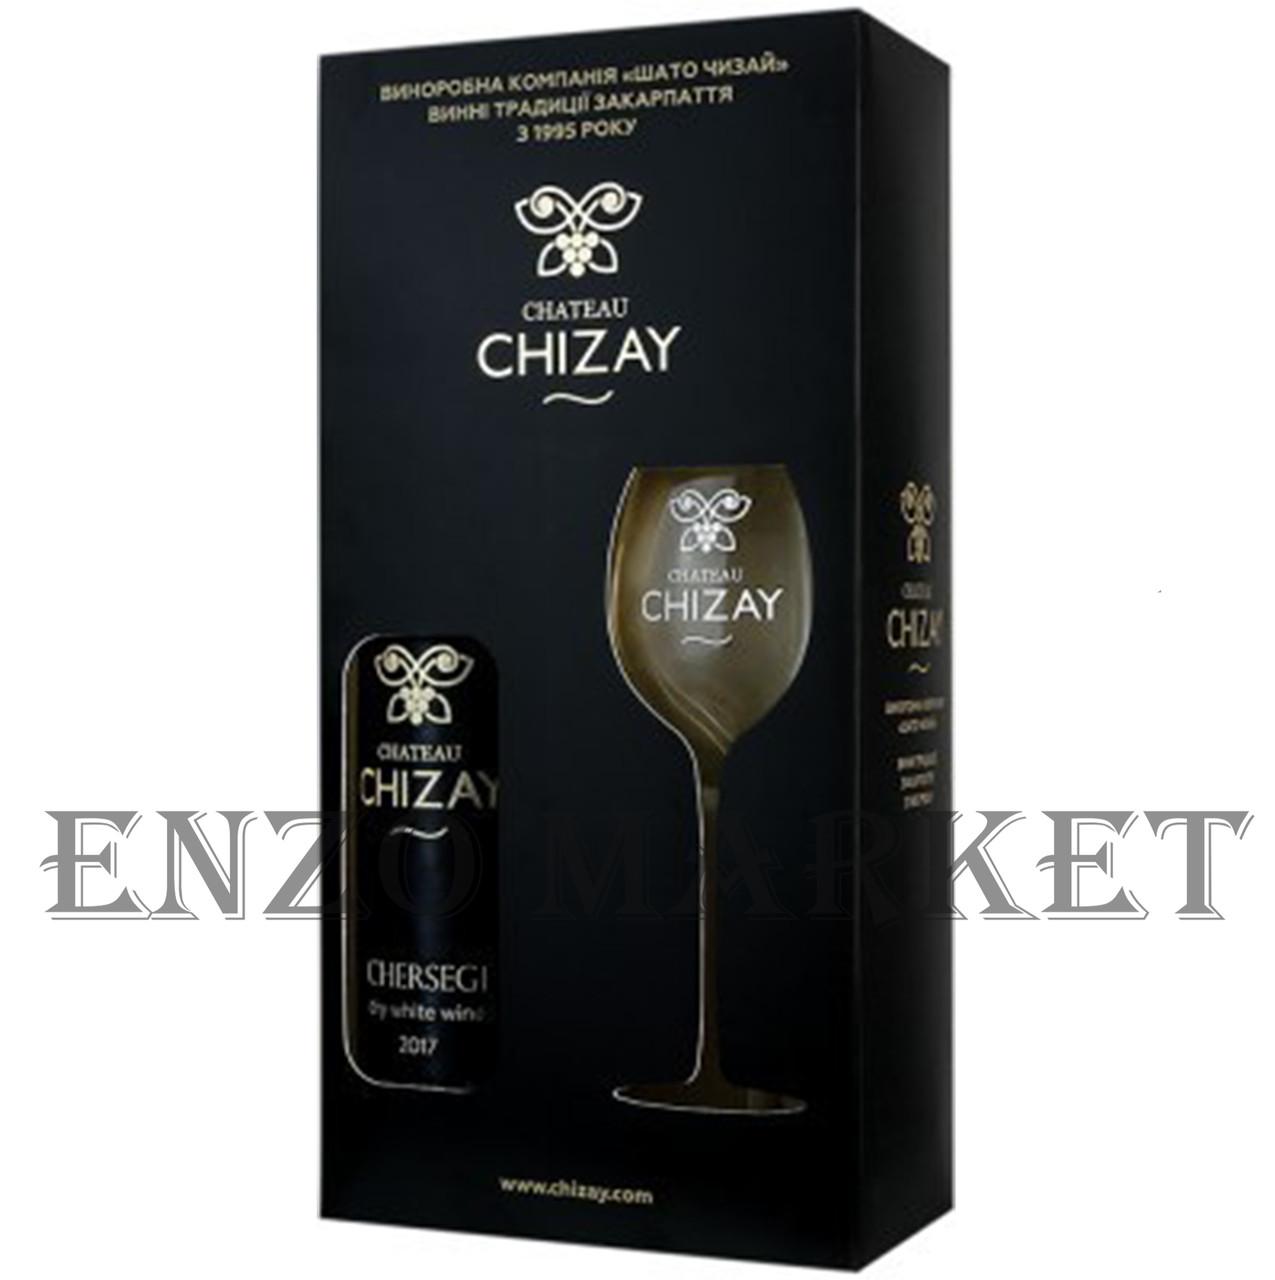 Подарочный набор Chizay Chersegi (Чизай Черсеги) 12%, 0,75 литра